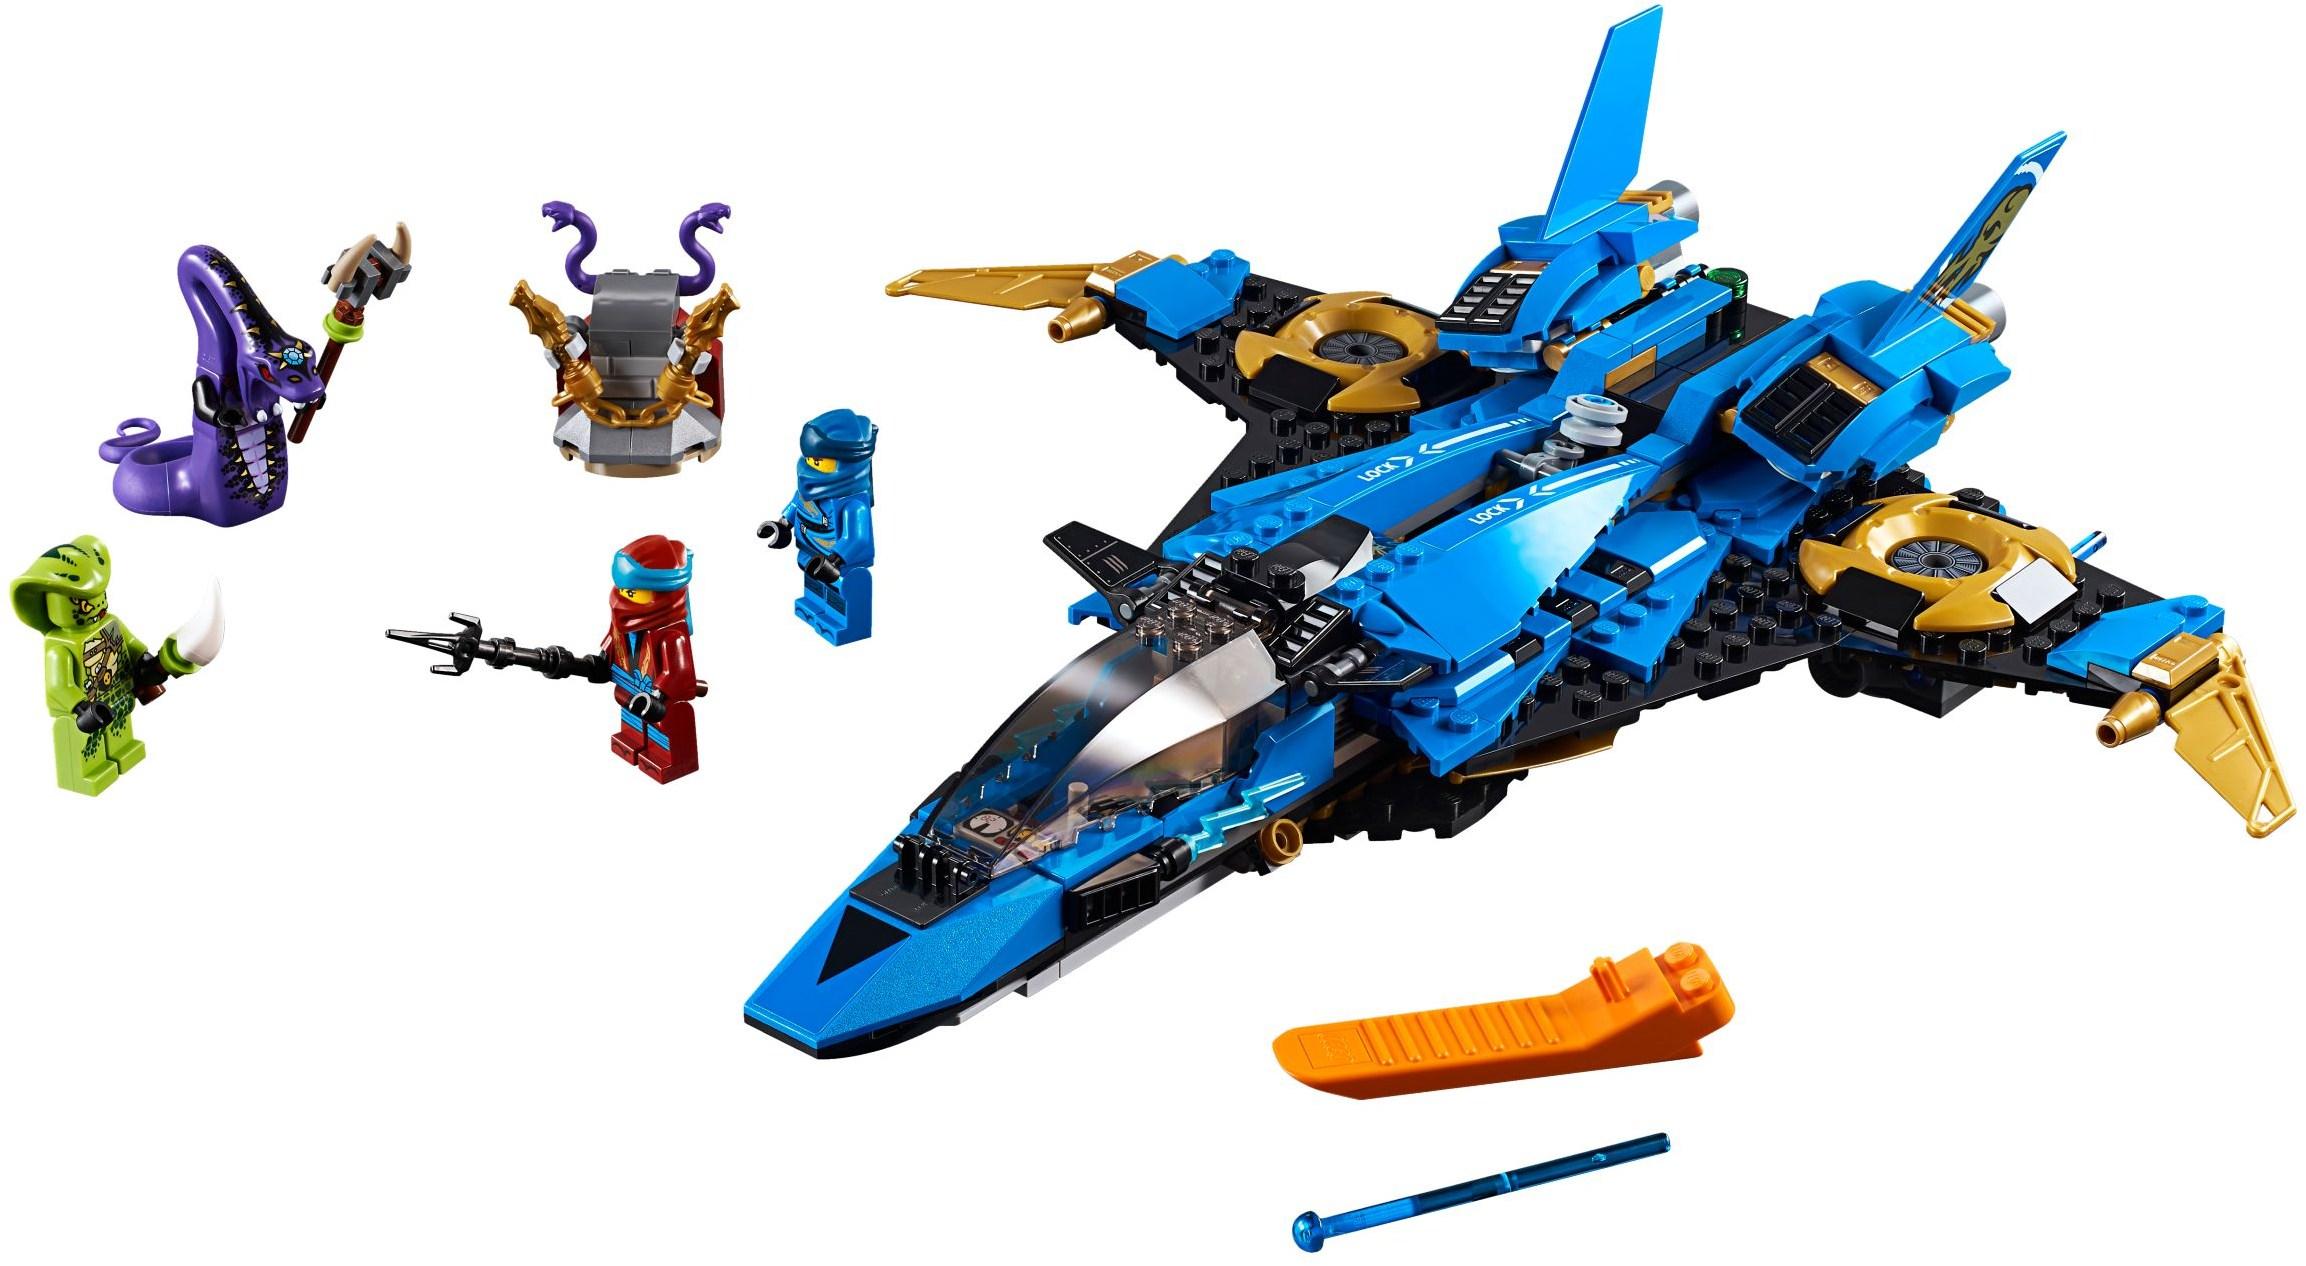 2019 Ninjago Sets Revealed Brickset Lego Set Guide And Database